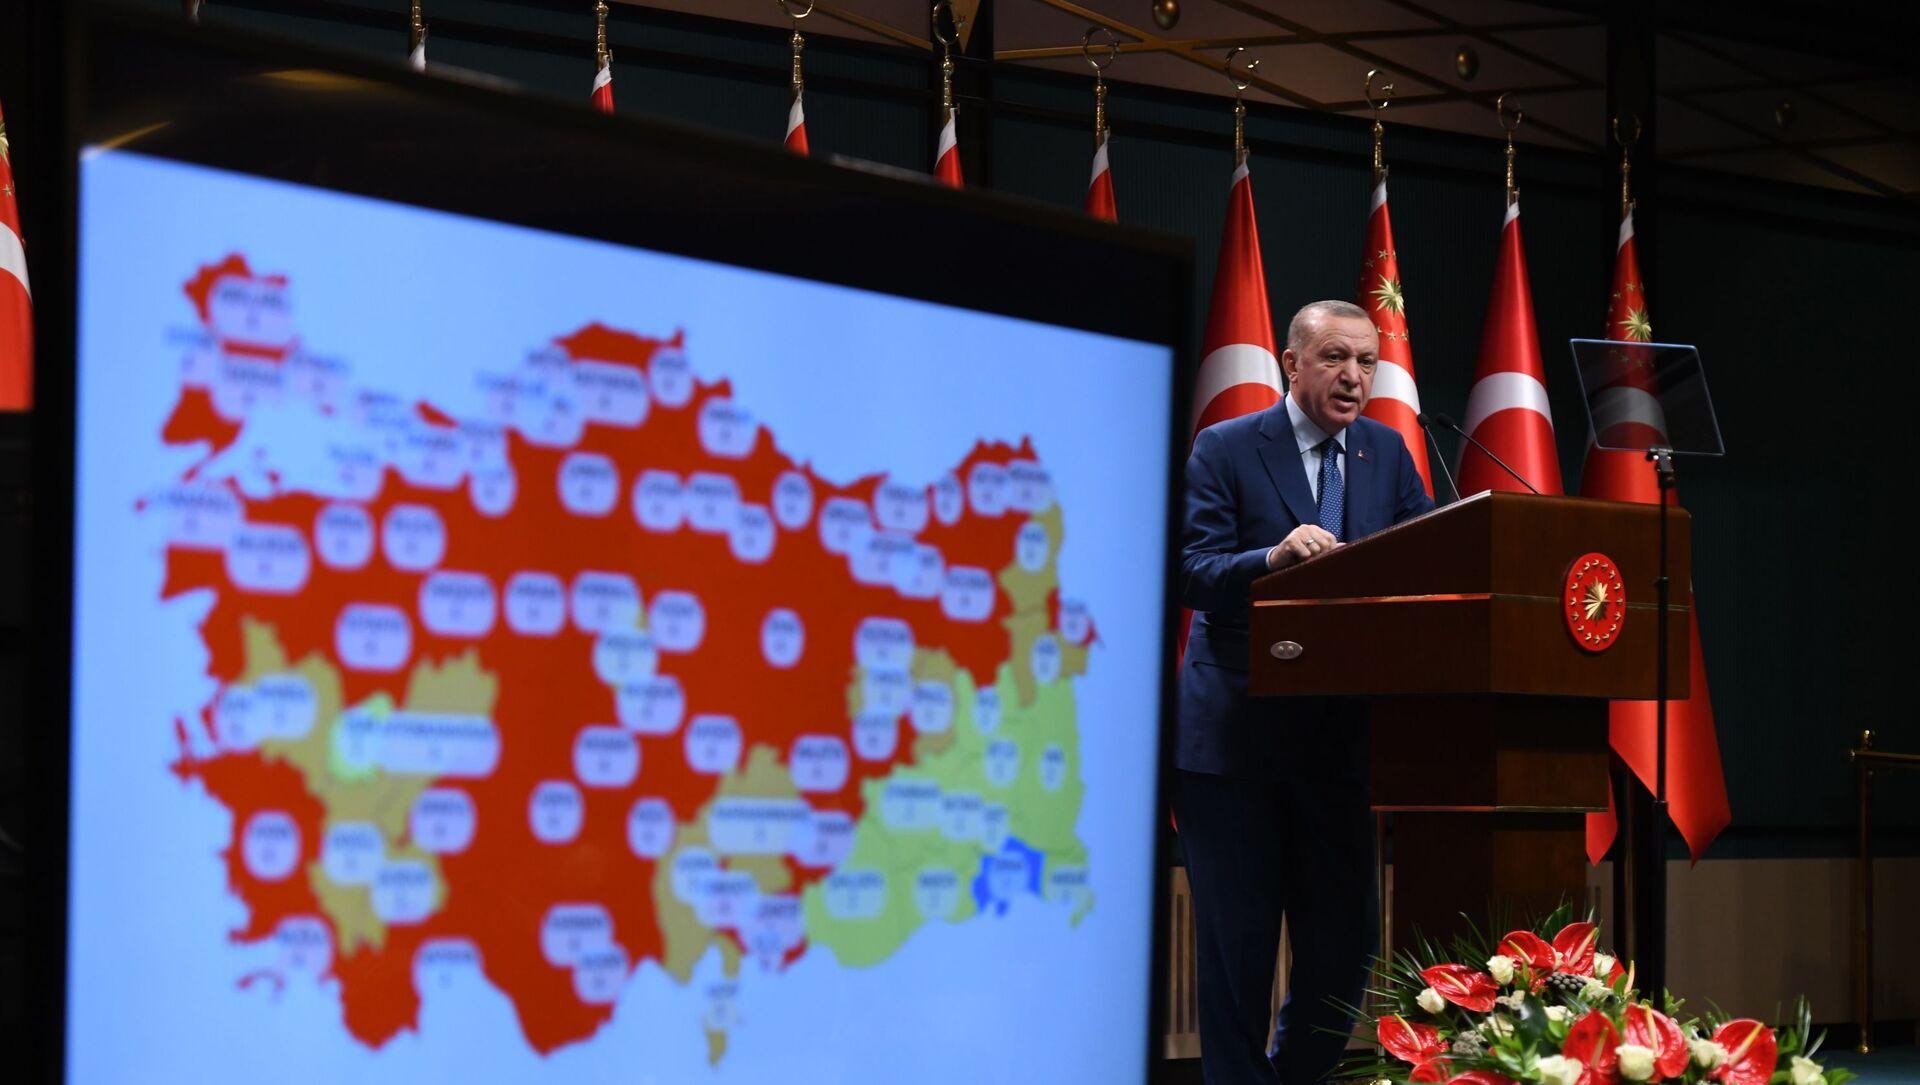 Cumhurbaşkanı Recep Tayyip Erdoğan, kabine toplantısı sonrası yeni koronavirüs kararlarını açıkladı - Sputnik Türkiye, 1920, 13.04.2021